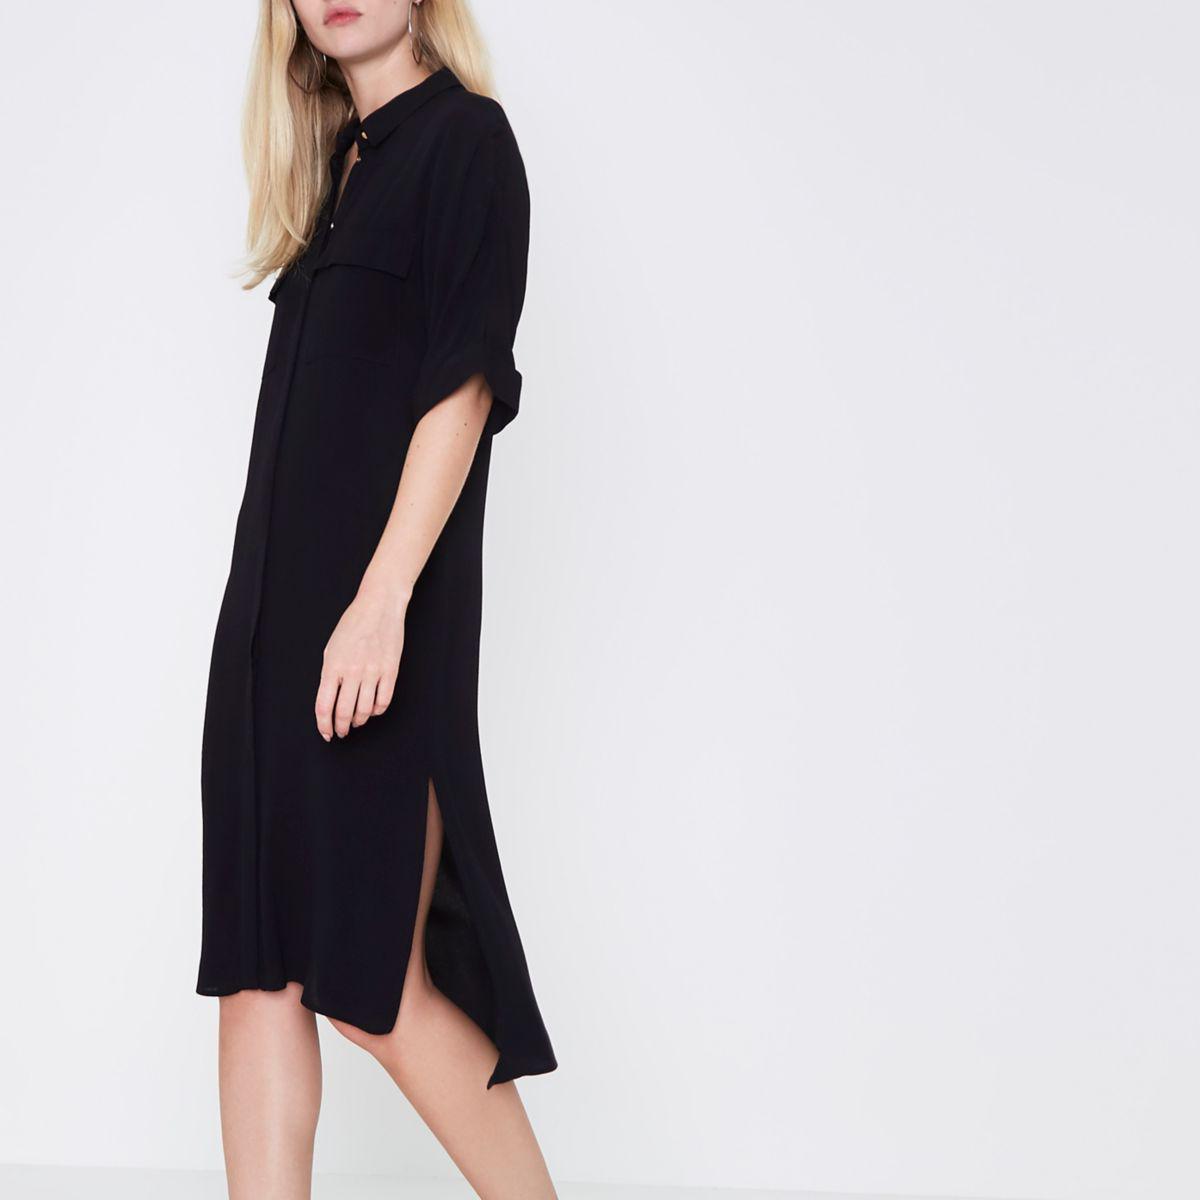 Lyst river island black midi shirt dress in black for Midi shirt dress black